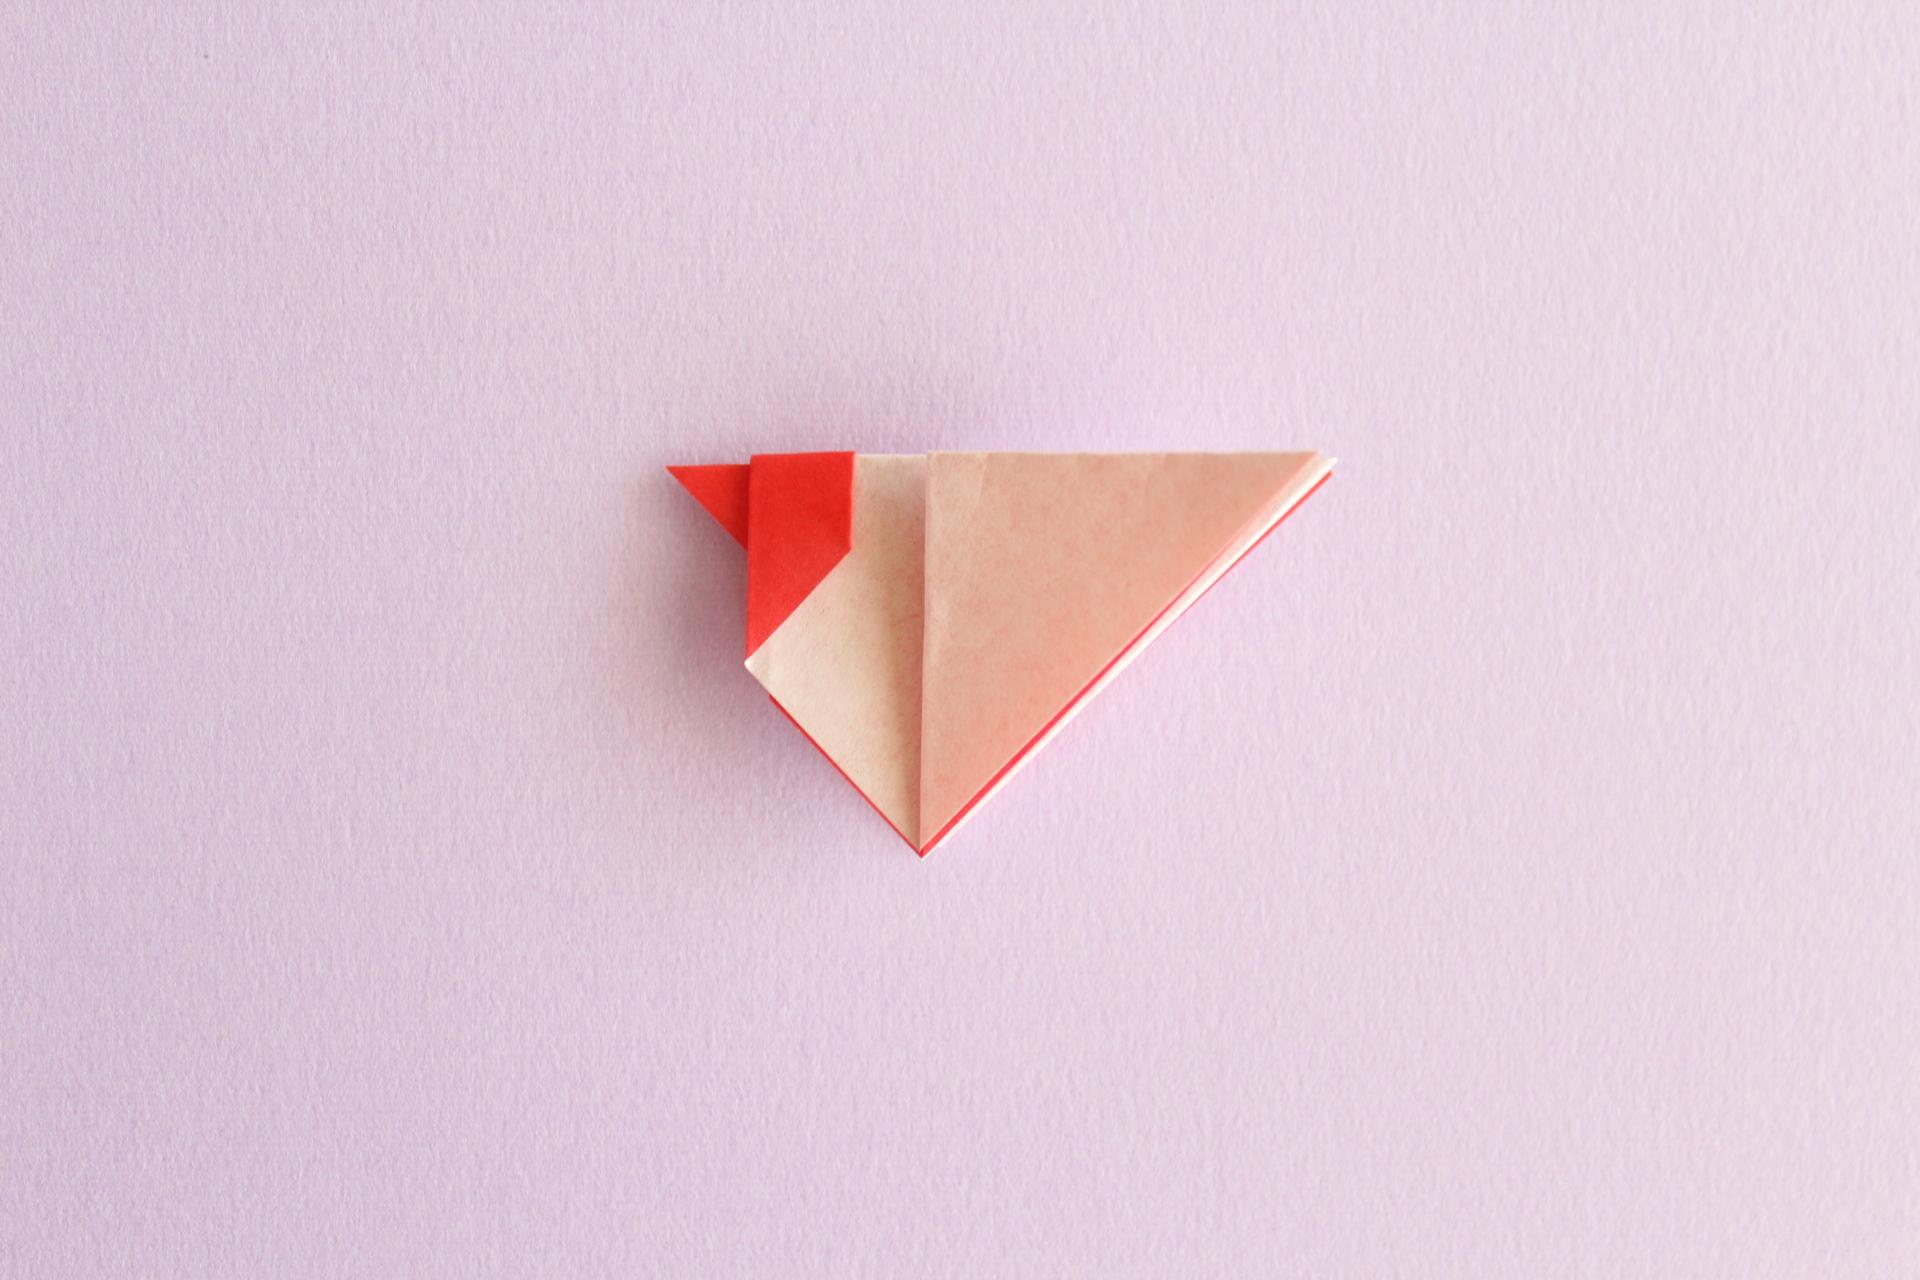 折り方12